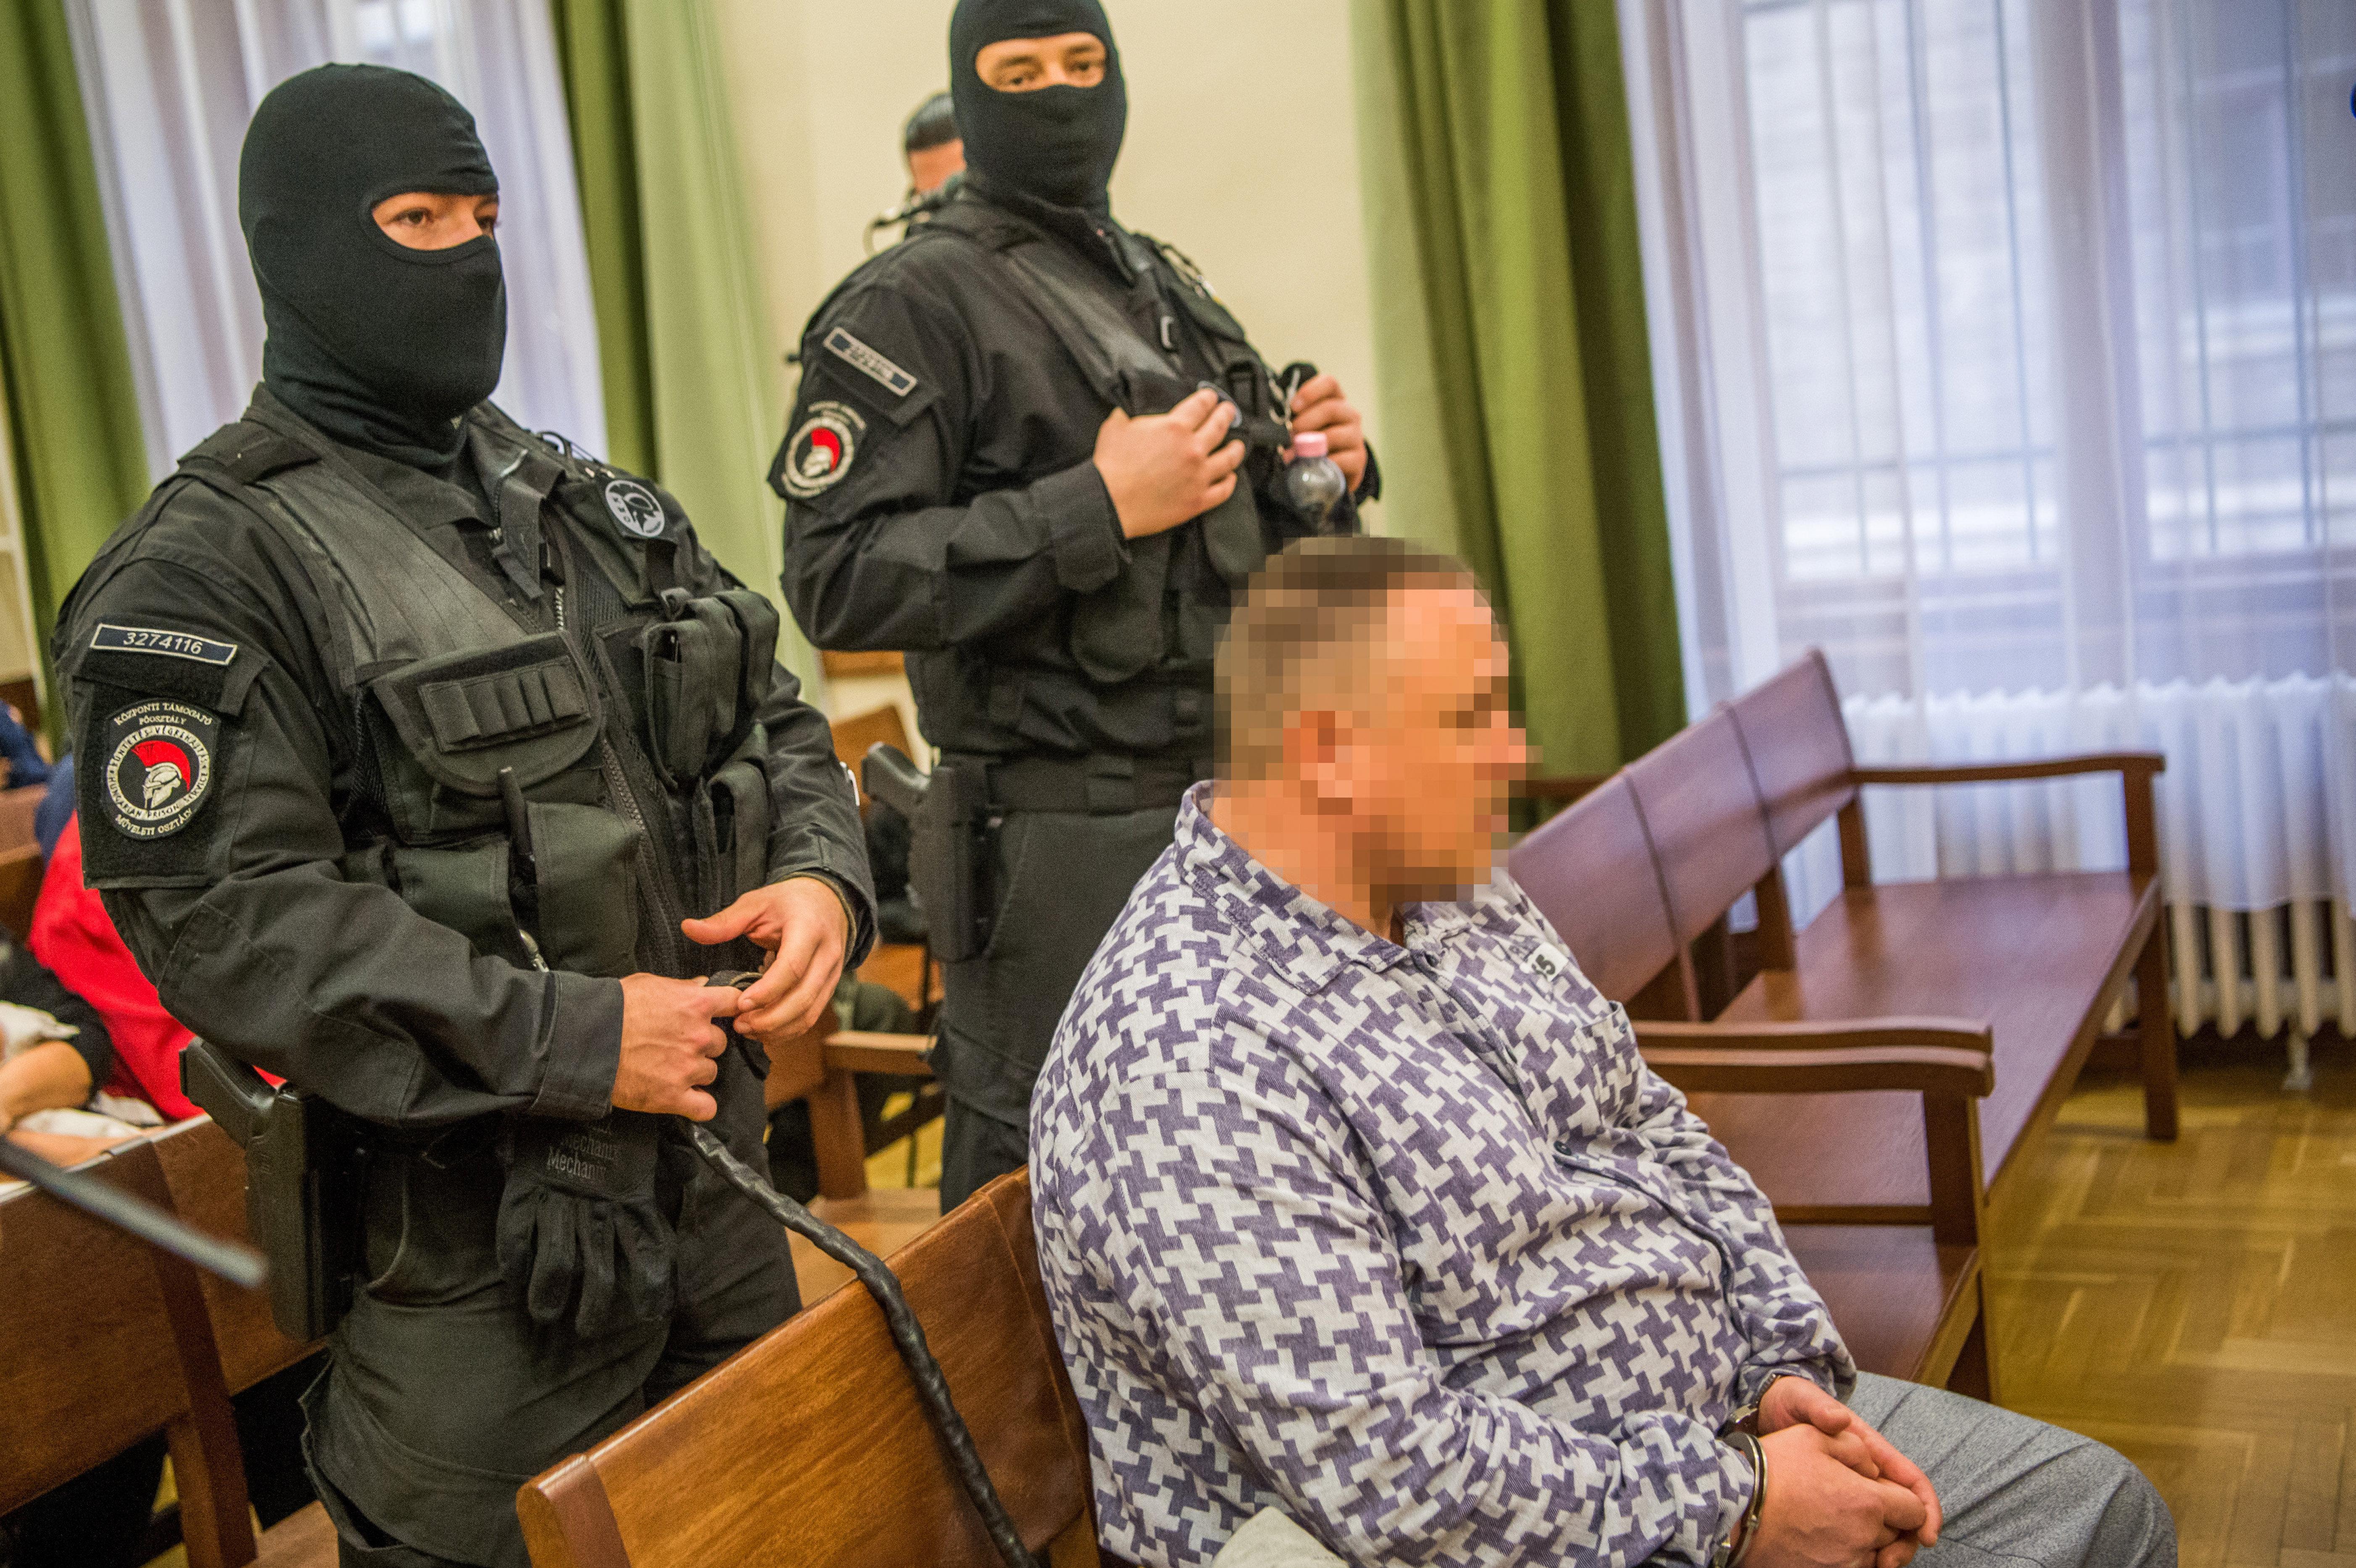 Felmentette a bíróság a Prisztás-gyilkosság másodrendű vádlottját